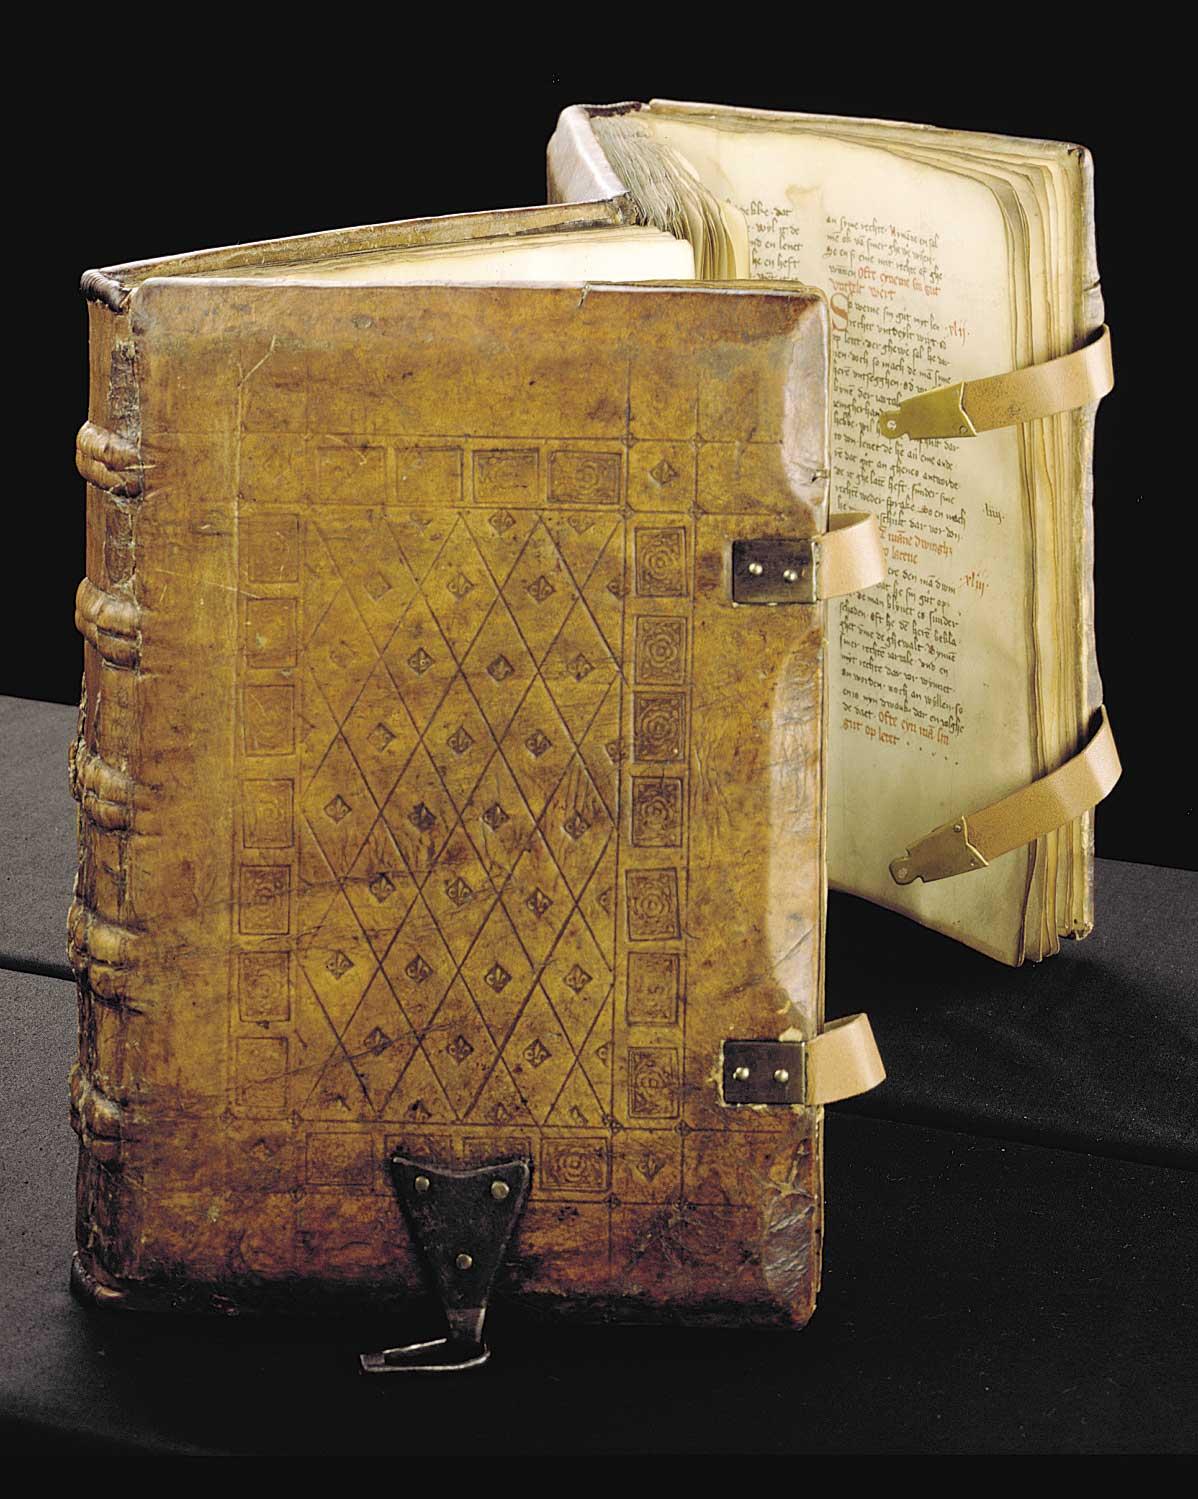 cc commons.wikimedia.org Sachsenspiegel-Handschrift von 1385 der Stadtbibliothek Duisburg